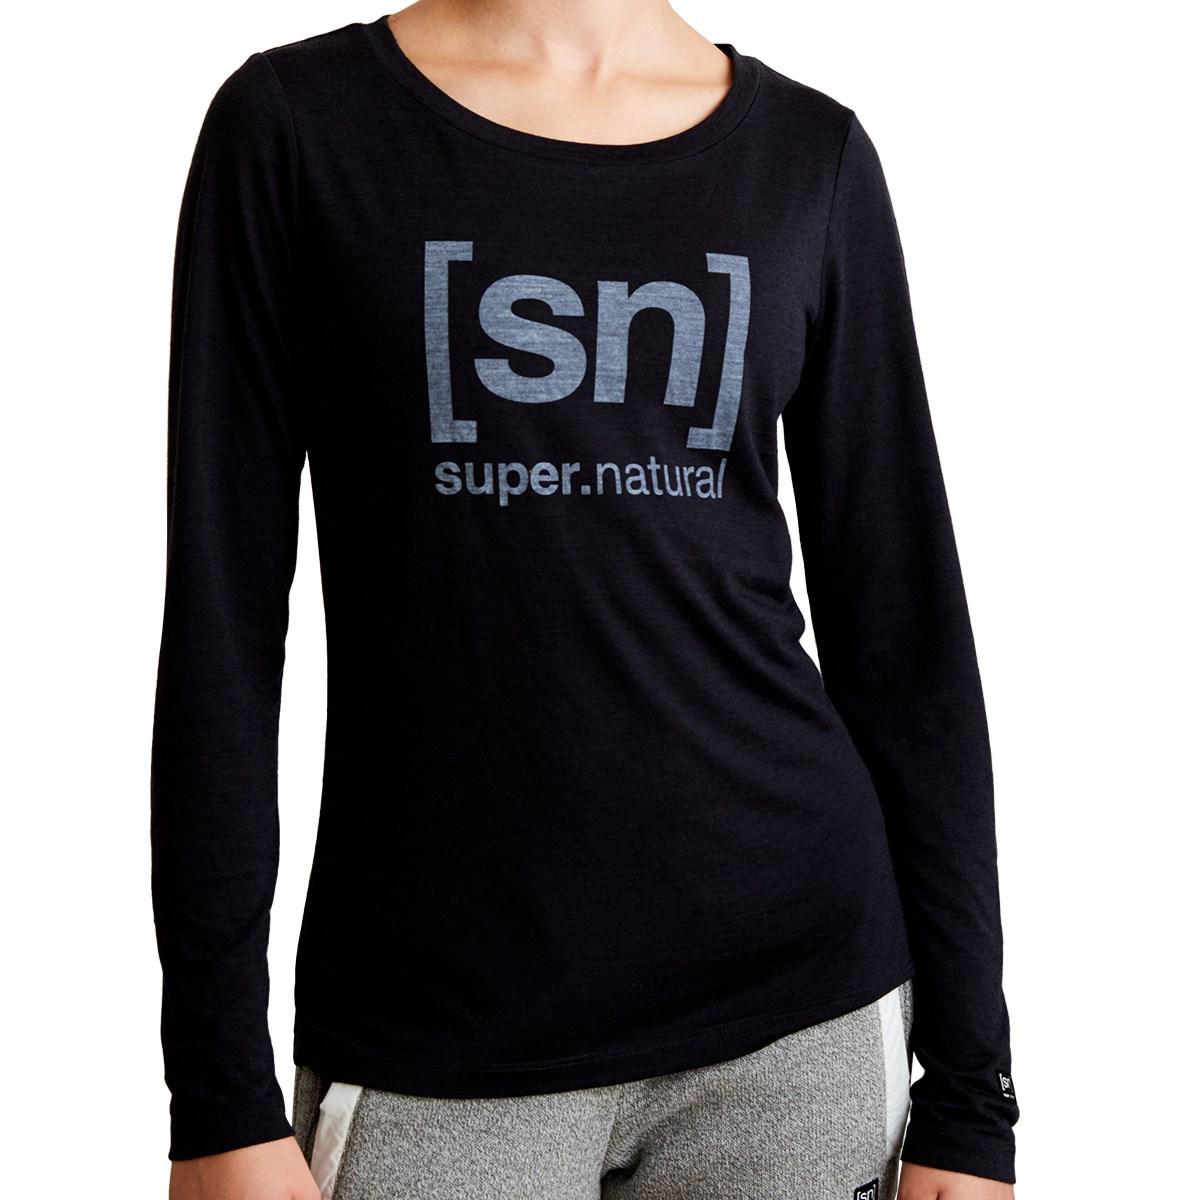 スーパーナチュラル [sn]super.natural ESSENTIAL I.D. 長袖Tシャツ M ブラック I17 レディス